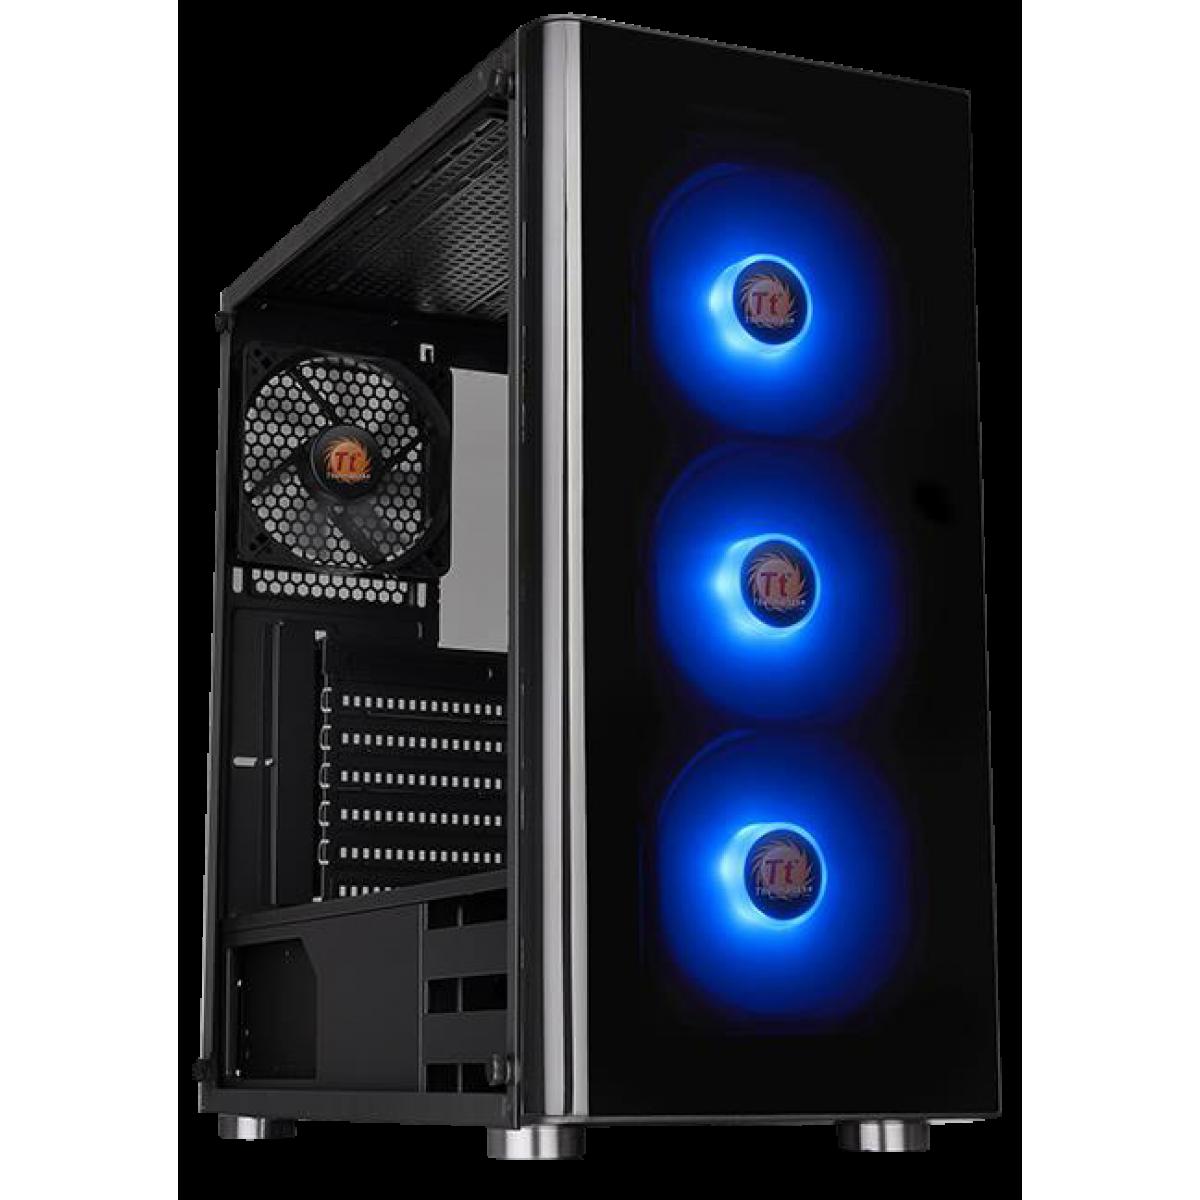 Gabinete Gamer Thermaltake V200 RGB, Mid Tower, Com 4 Fans, Vidro temperado, Black, S-Fonte, CA-1K8-00M1WN-01